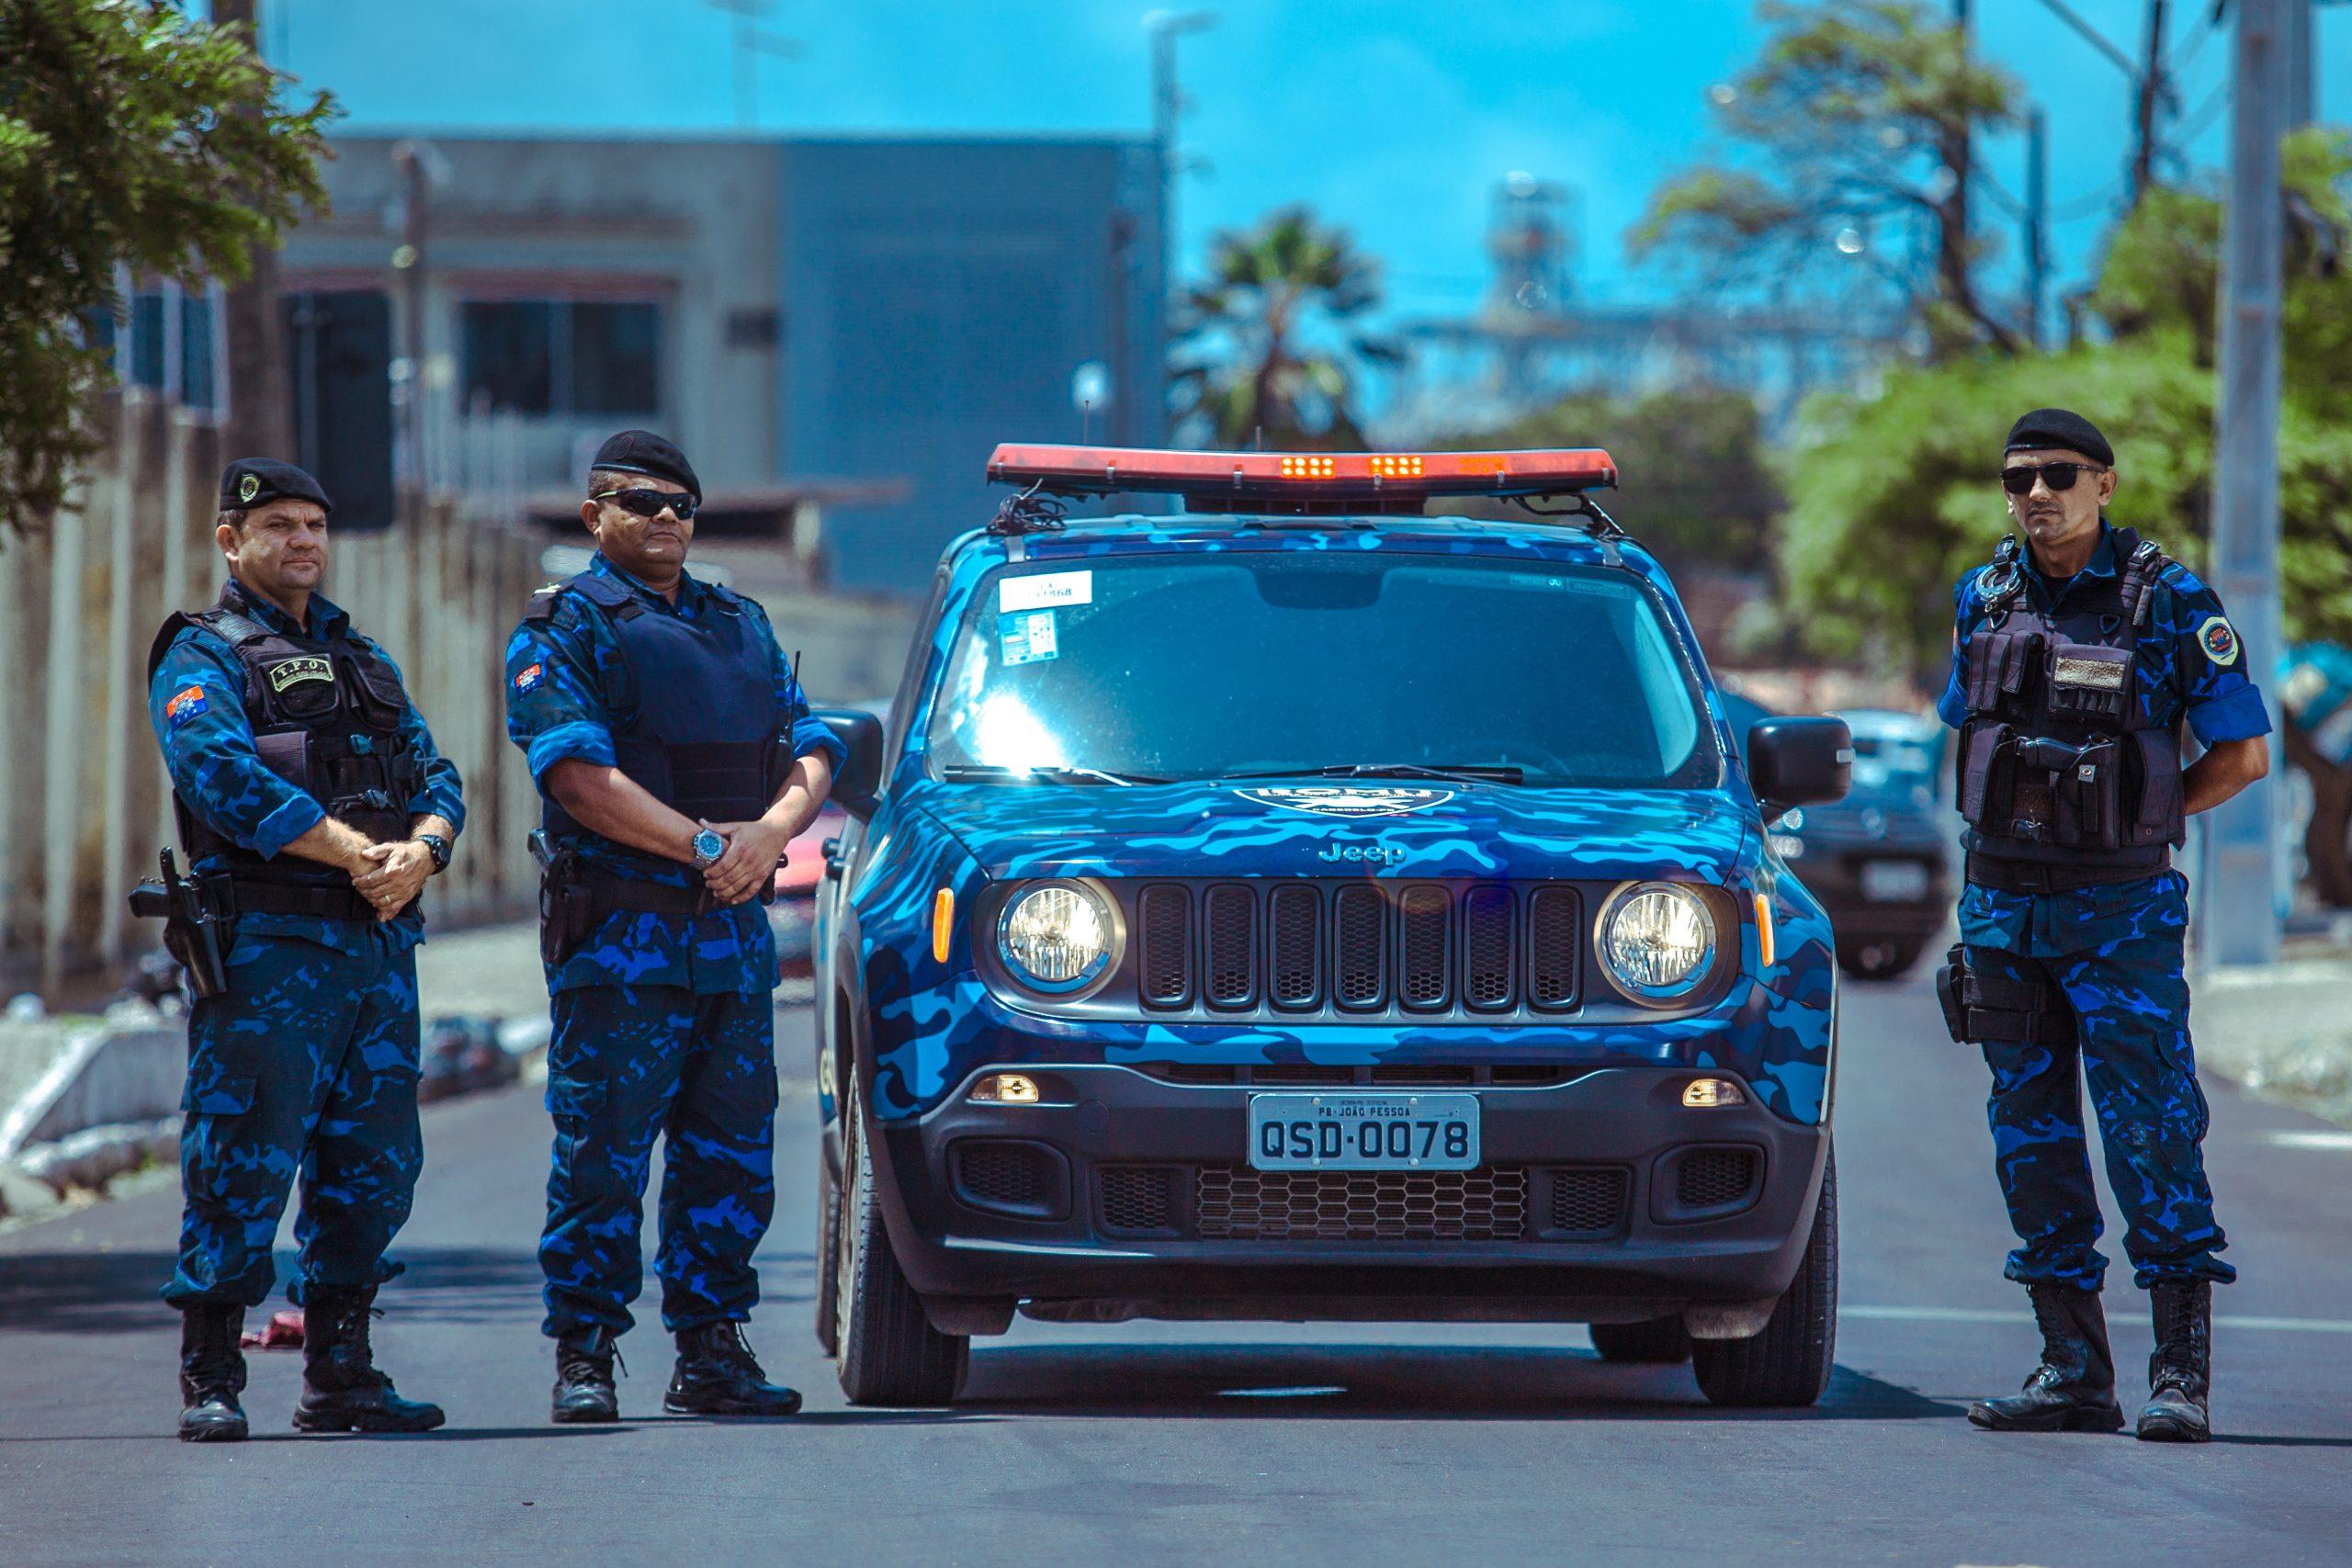 Guarda Metropolitana realiza Operação Orla Segura em Cabedelo